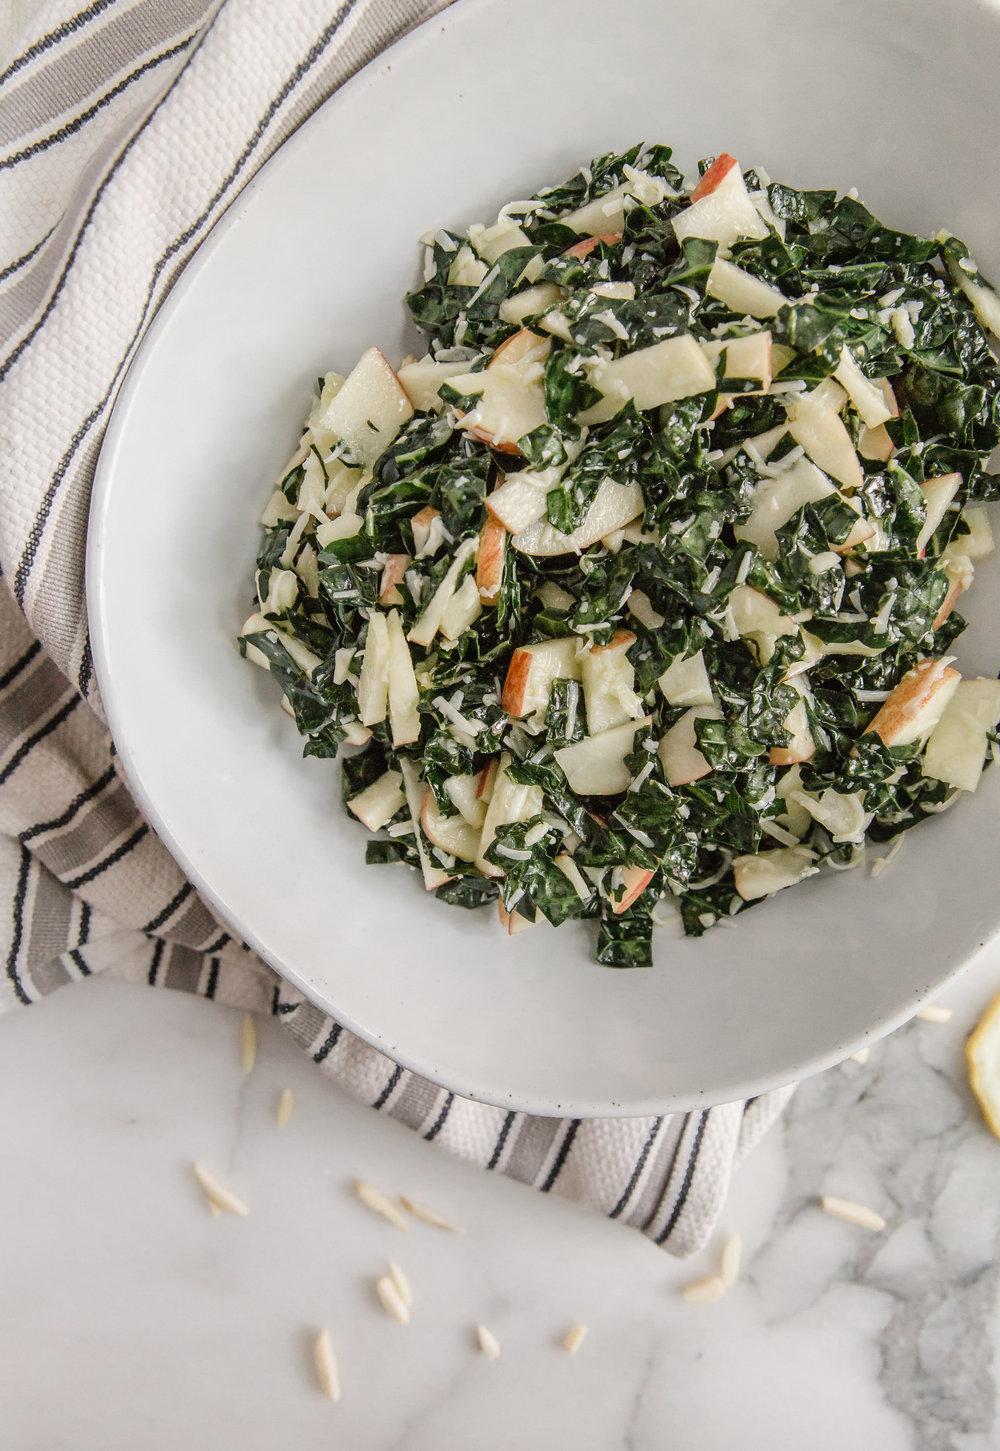 tuscan-kale-salad-3.jpg